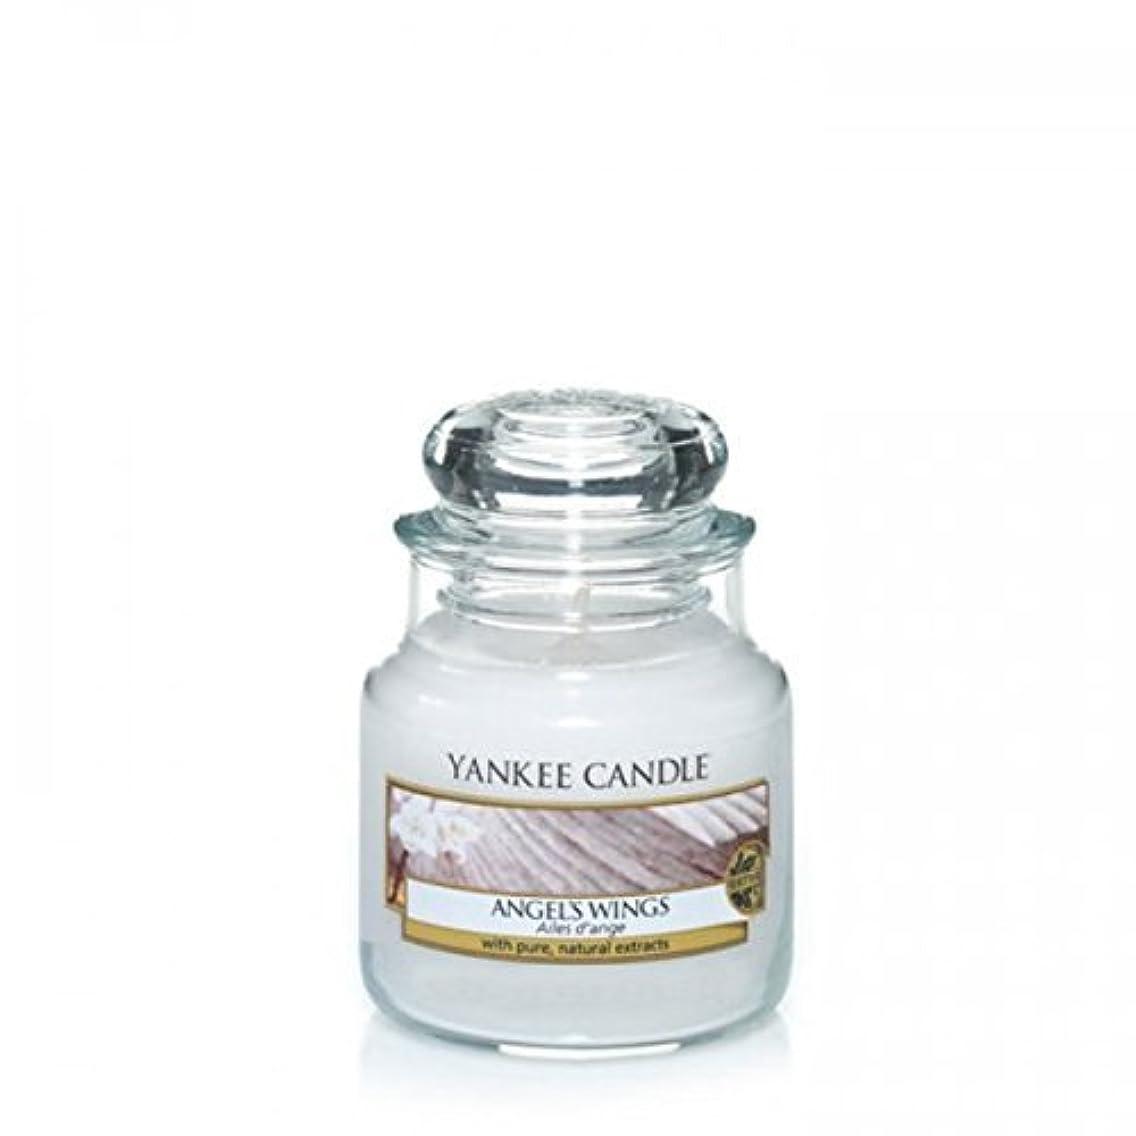 服を着るカーテン残るYankee Candle Angels Wings Jar 3.7Oz by Yankee Candle [並行輸入品]